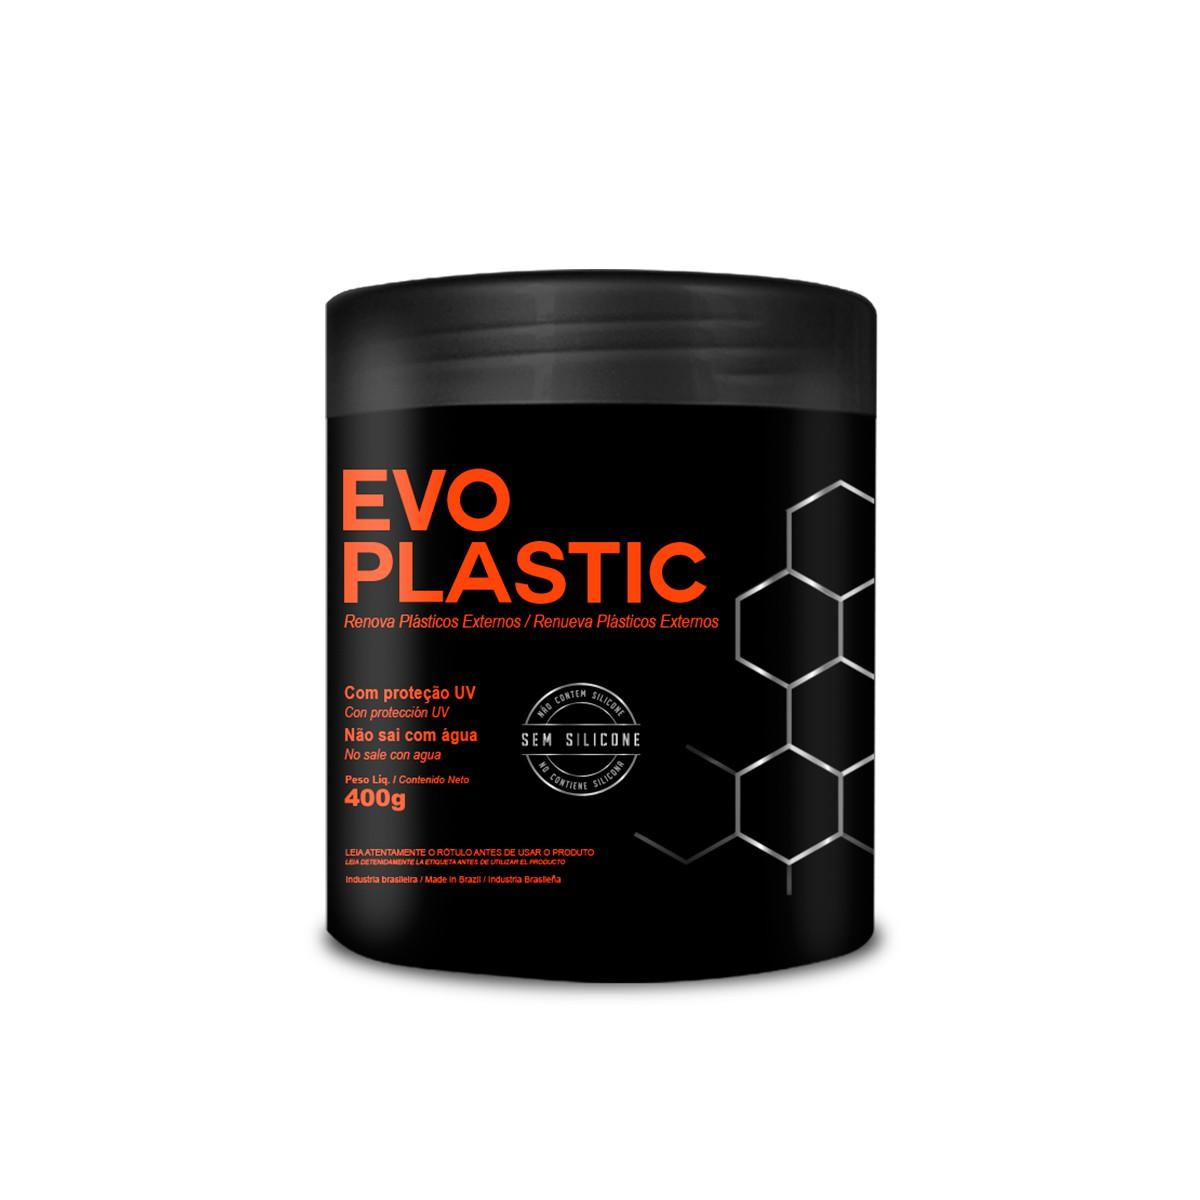 Evoplastic 400G ( Renova Plásticos Externos ) - Evox